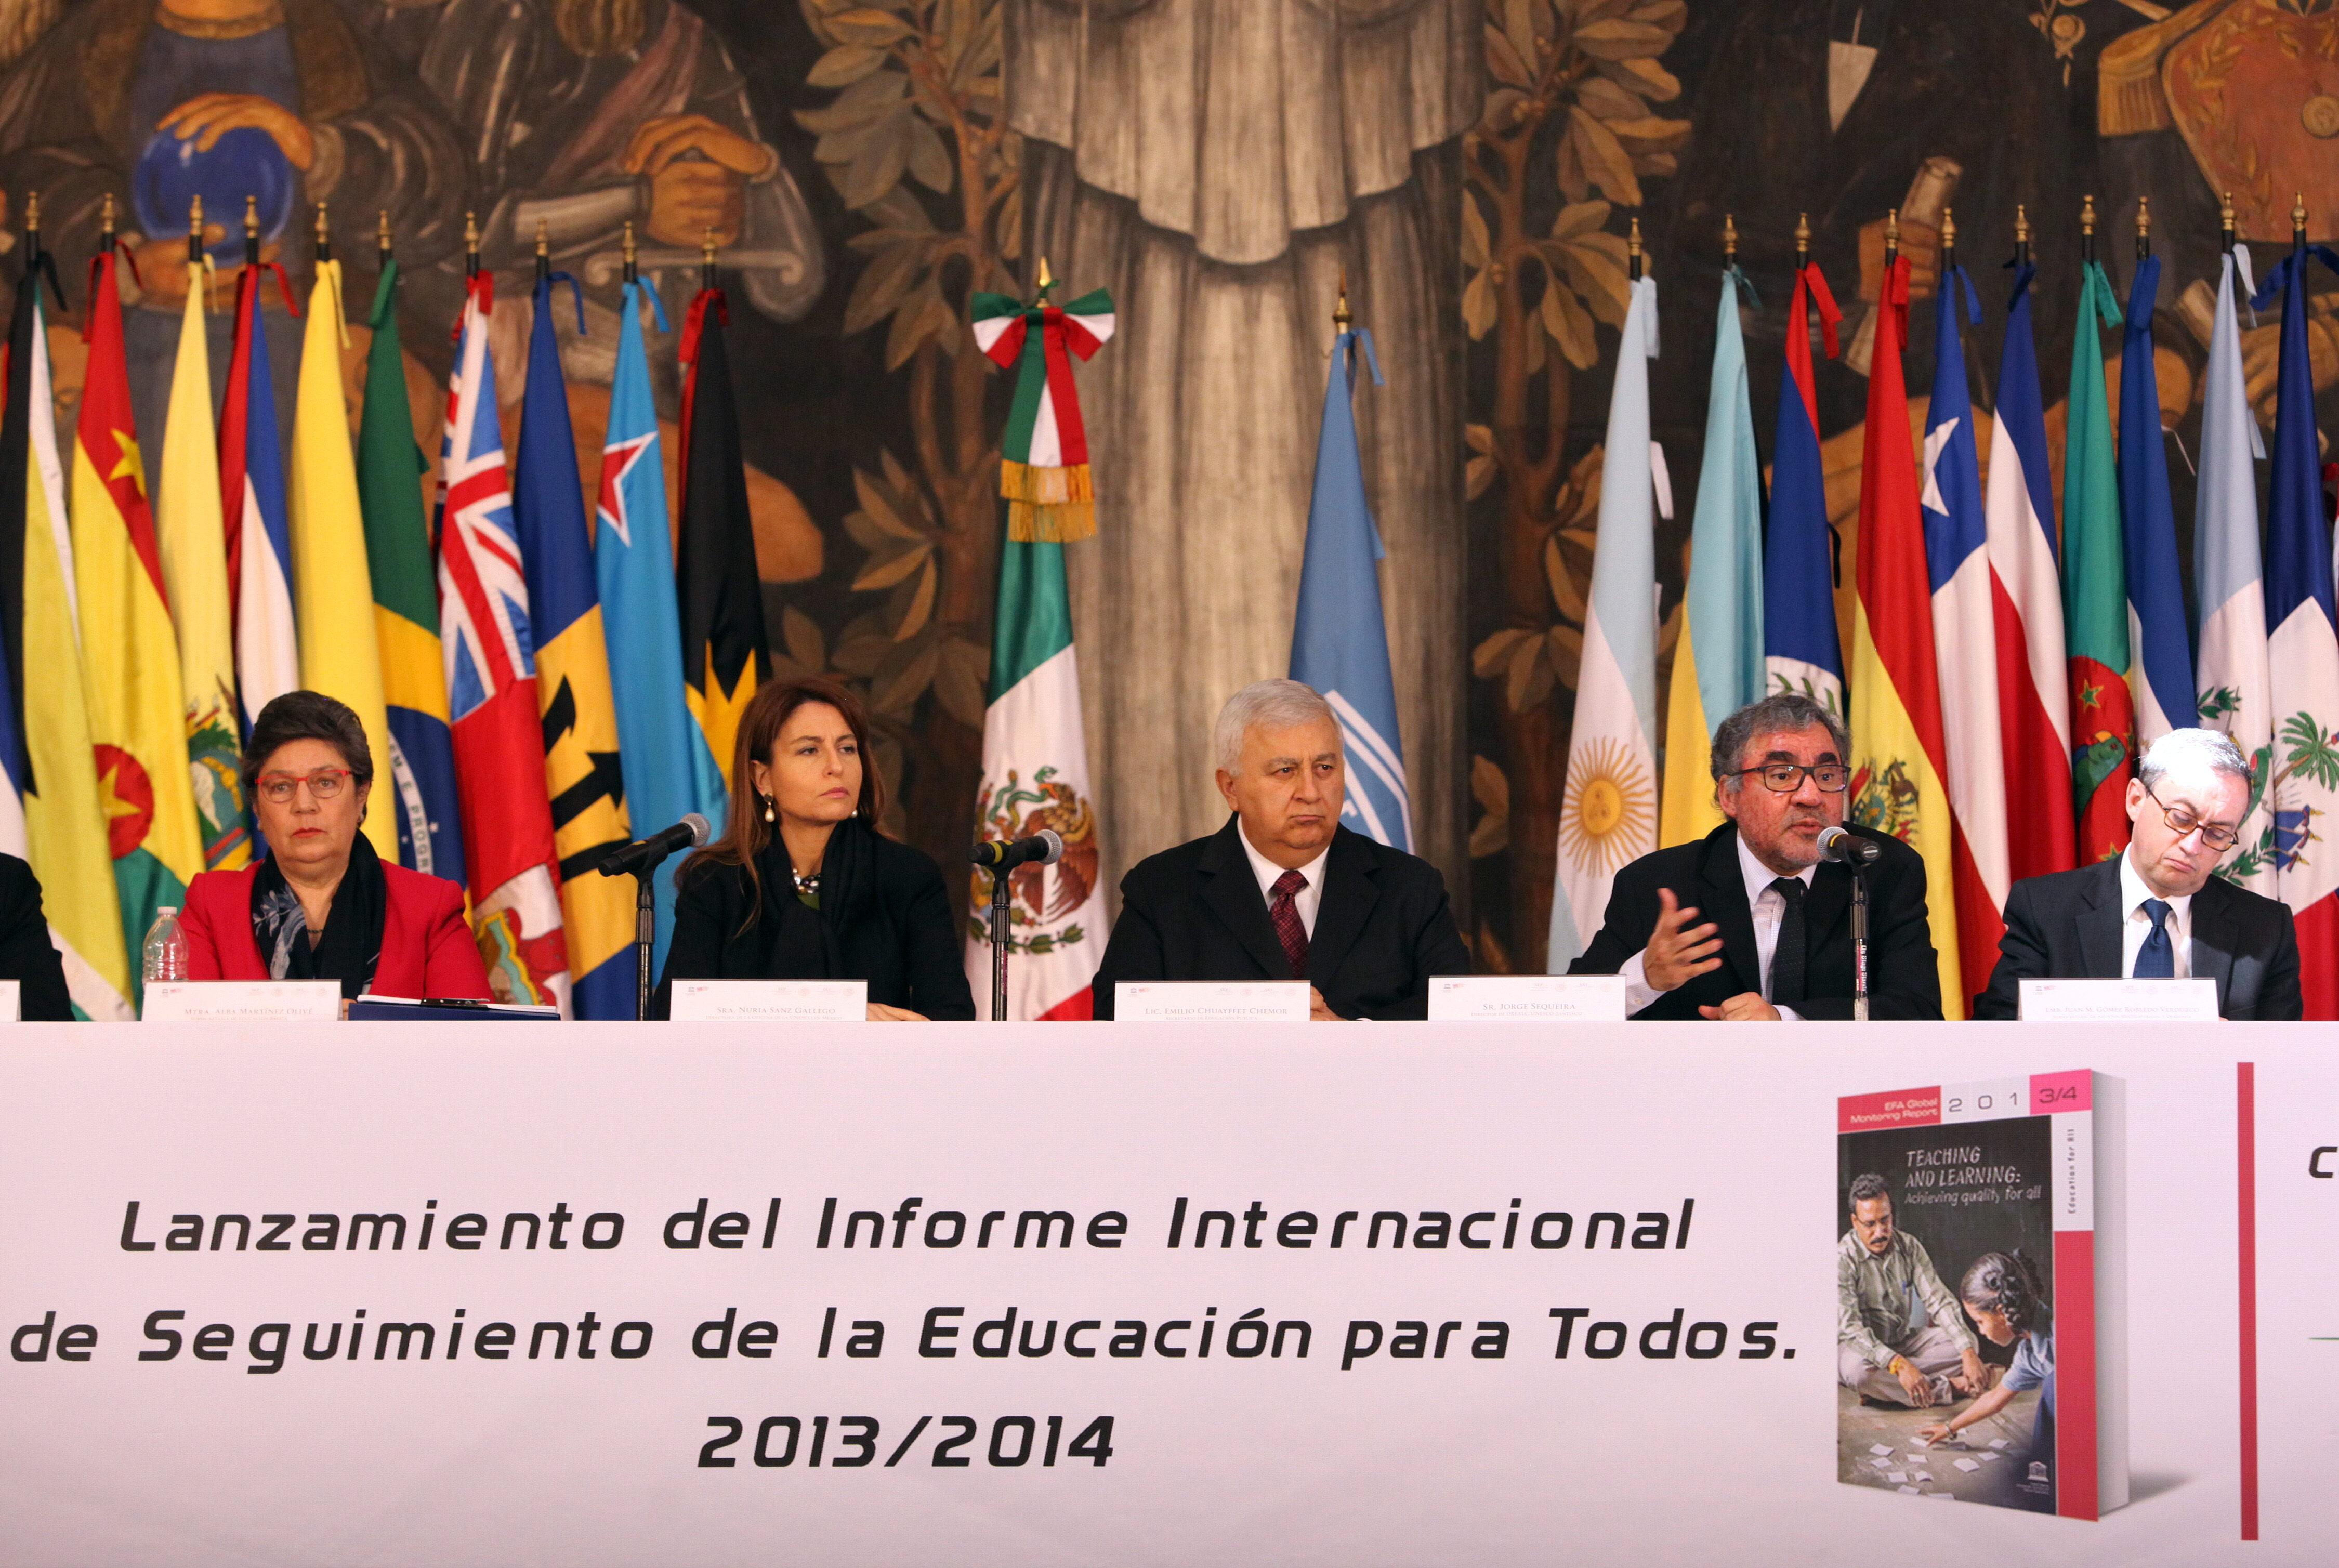 La Unesco avisa de que Latinoamérica no alcanzará los objetivos de 2015 en educación